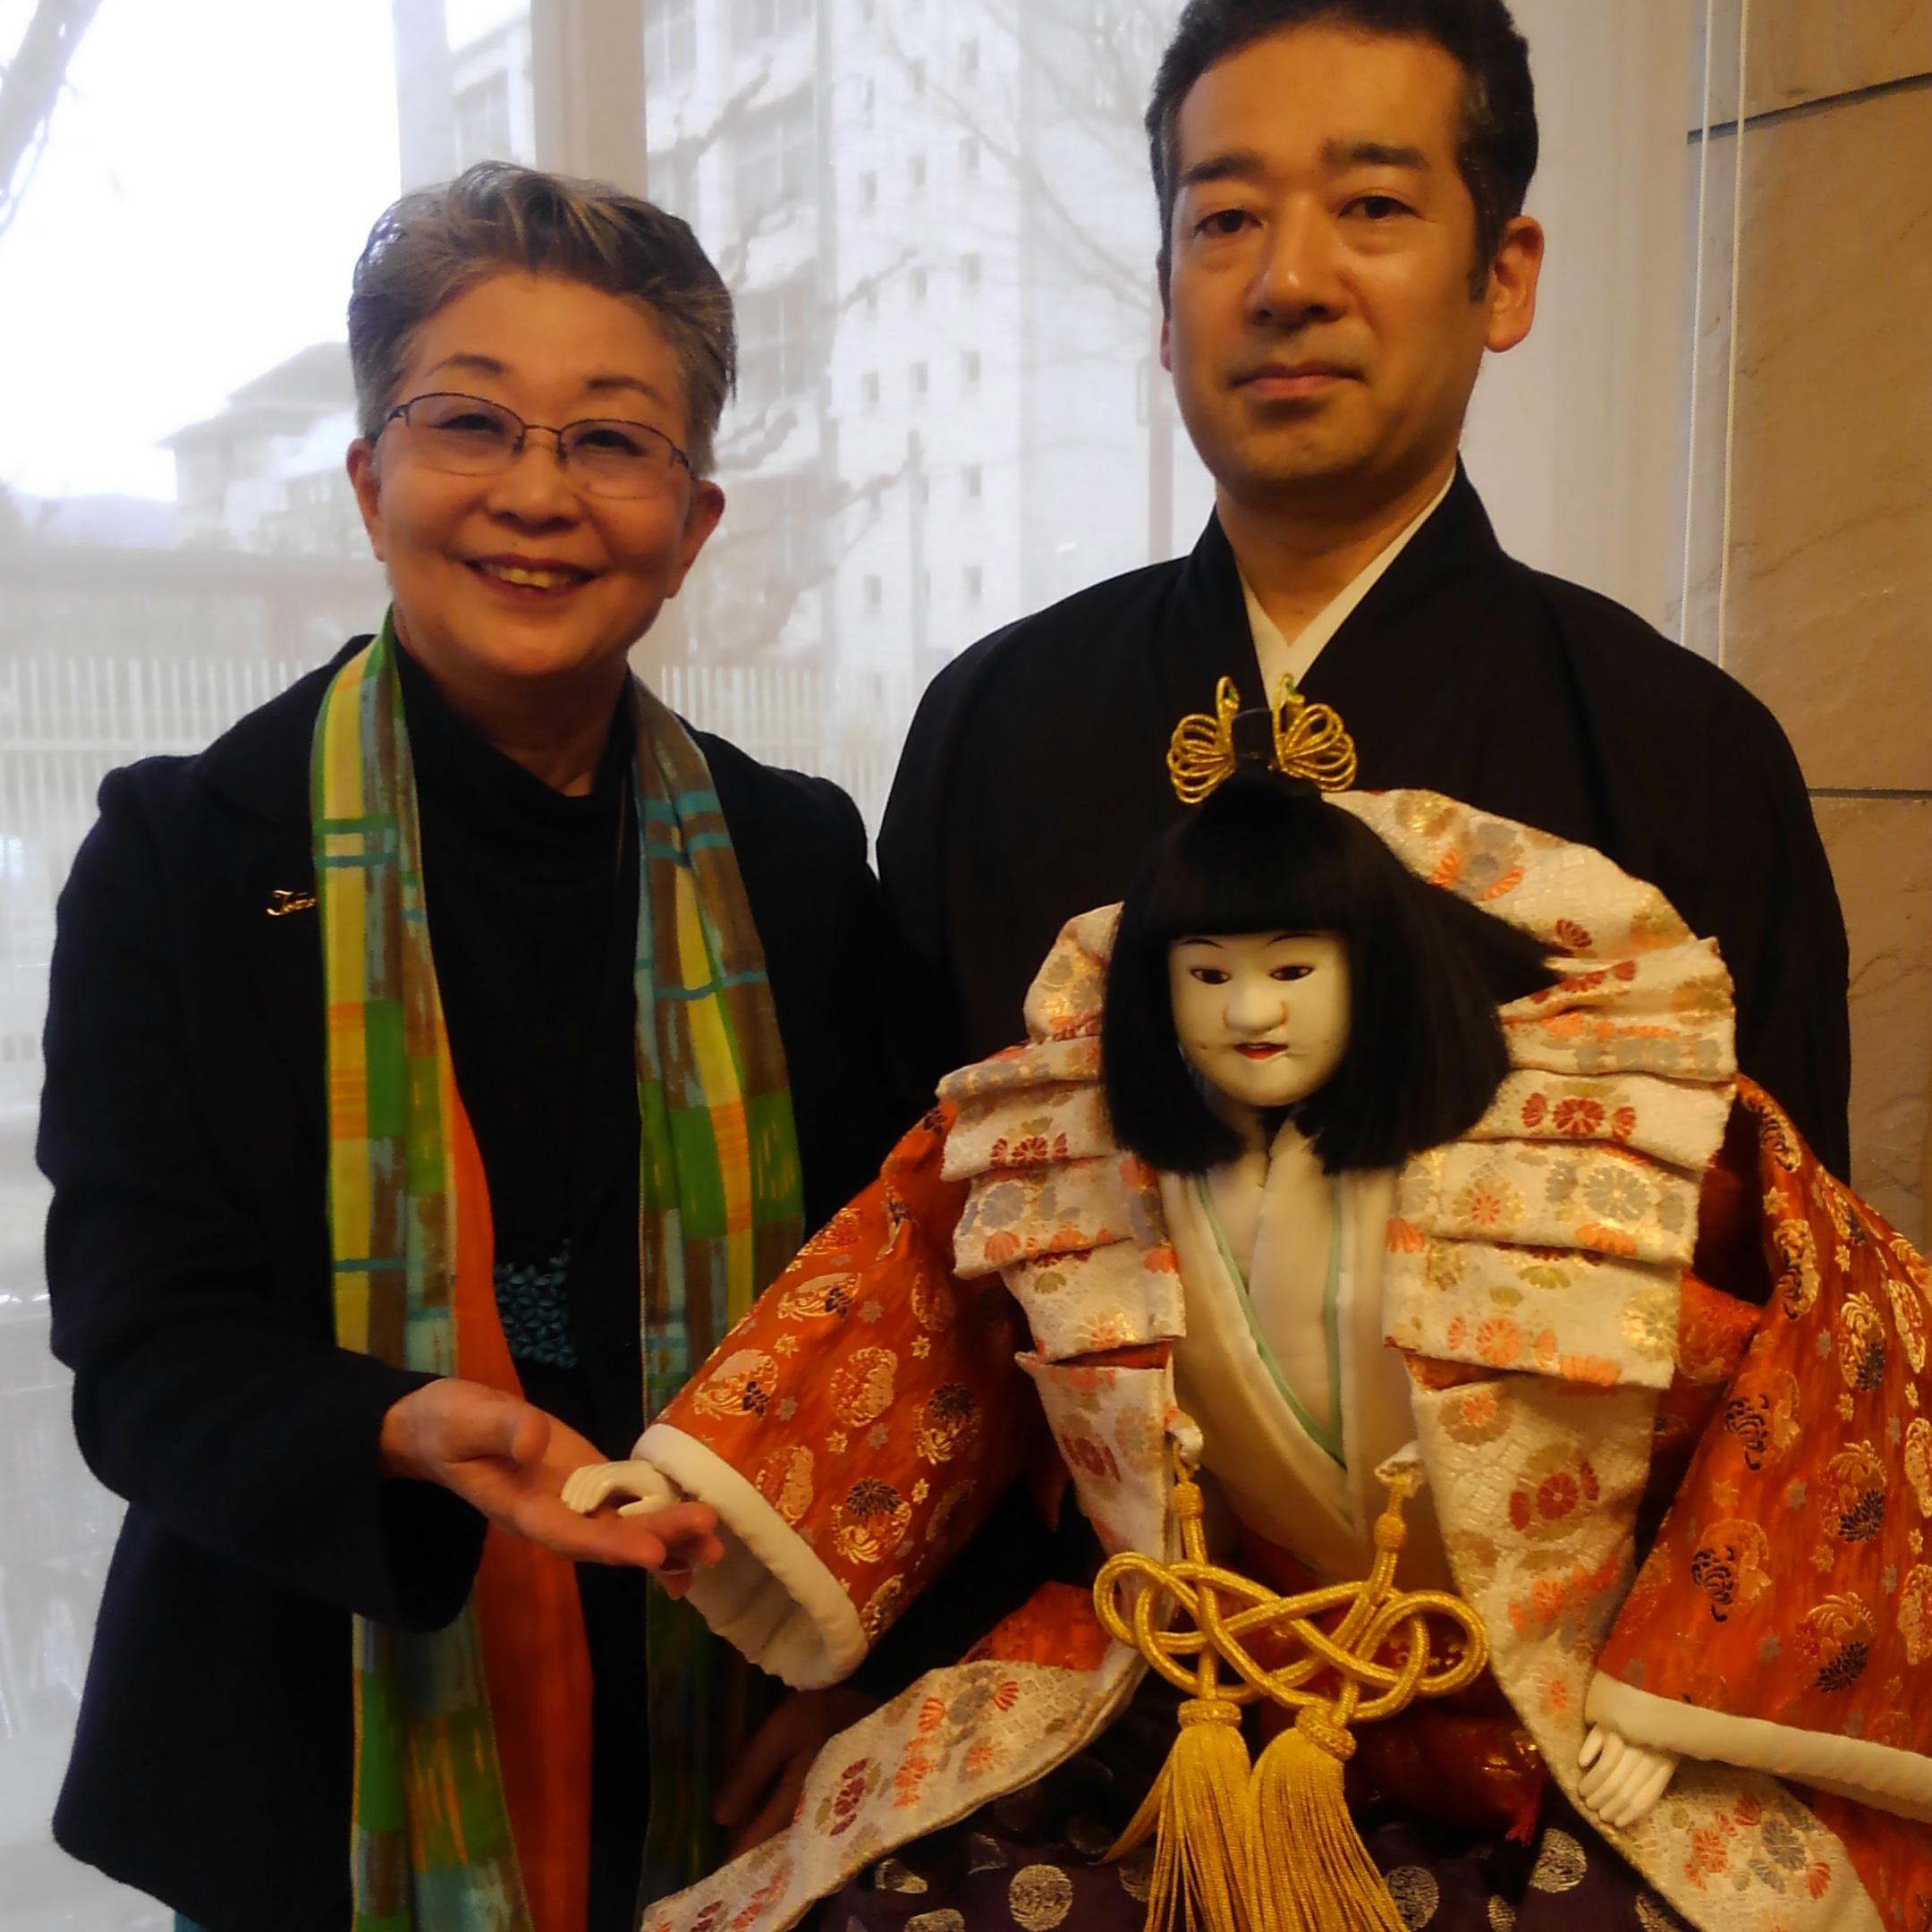 文楽・京都公演「義経千本桜」《椎の木の段》《すしやの段》を鑑賞しました🌿🌱🍀